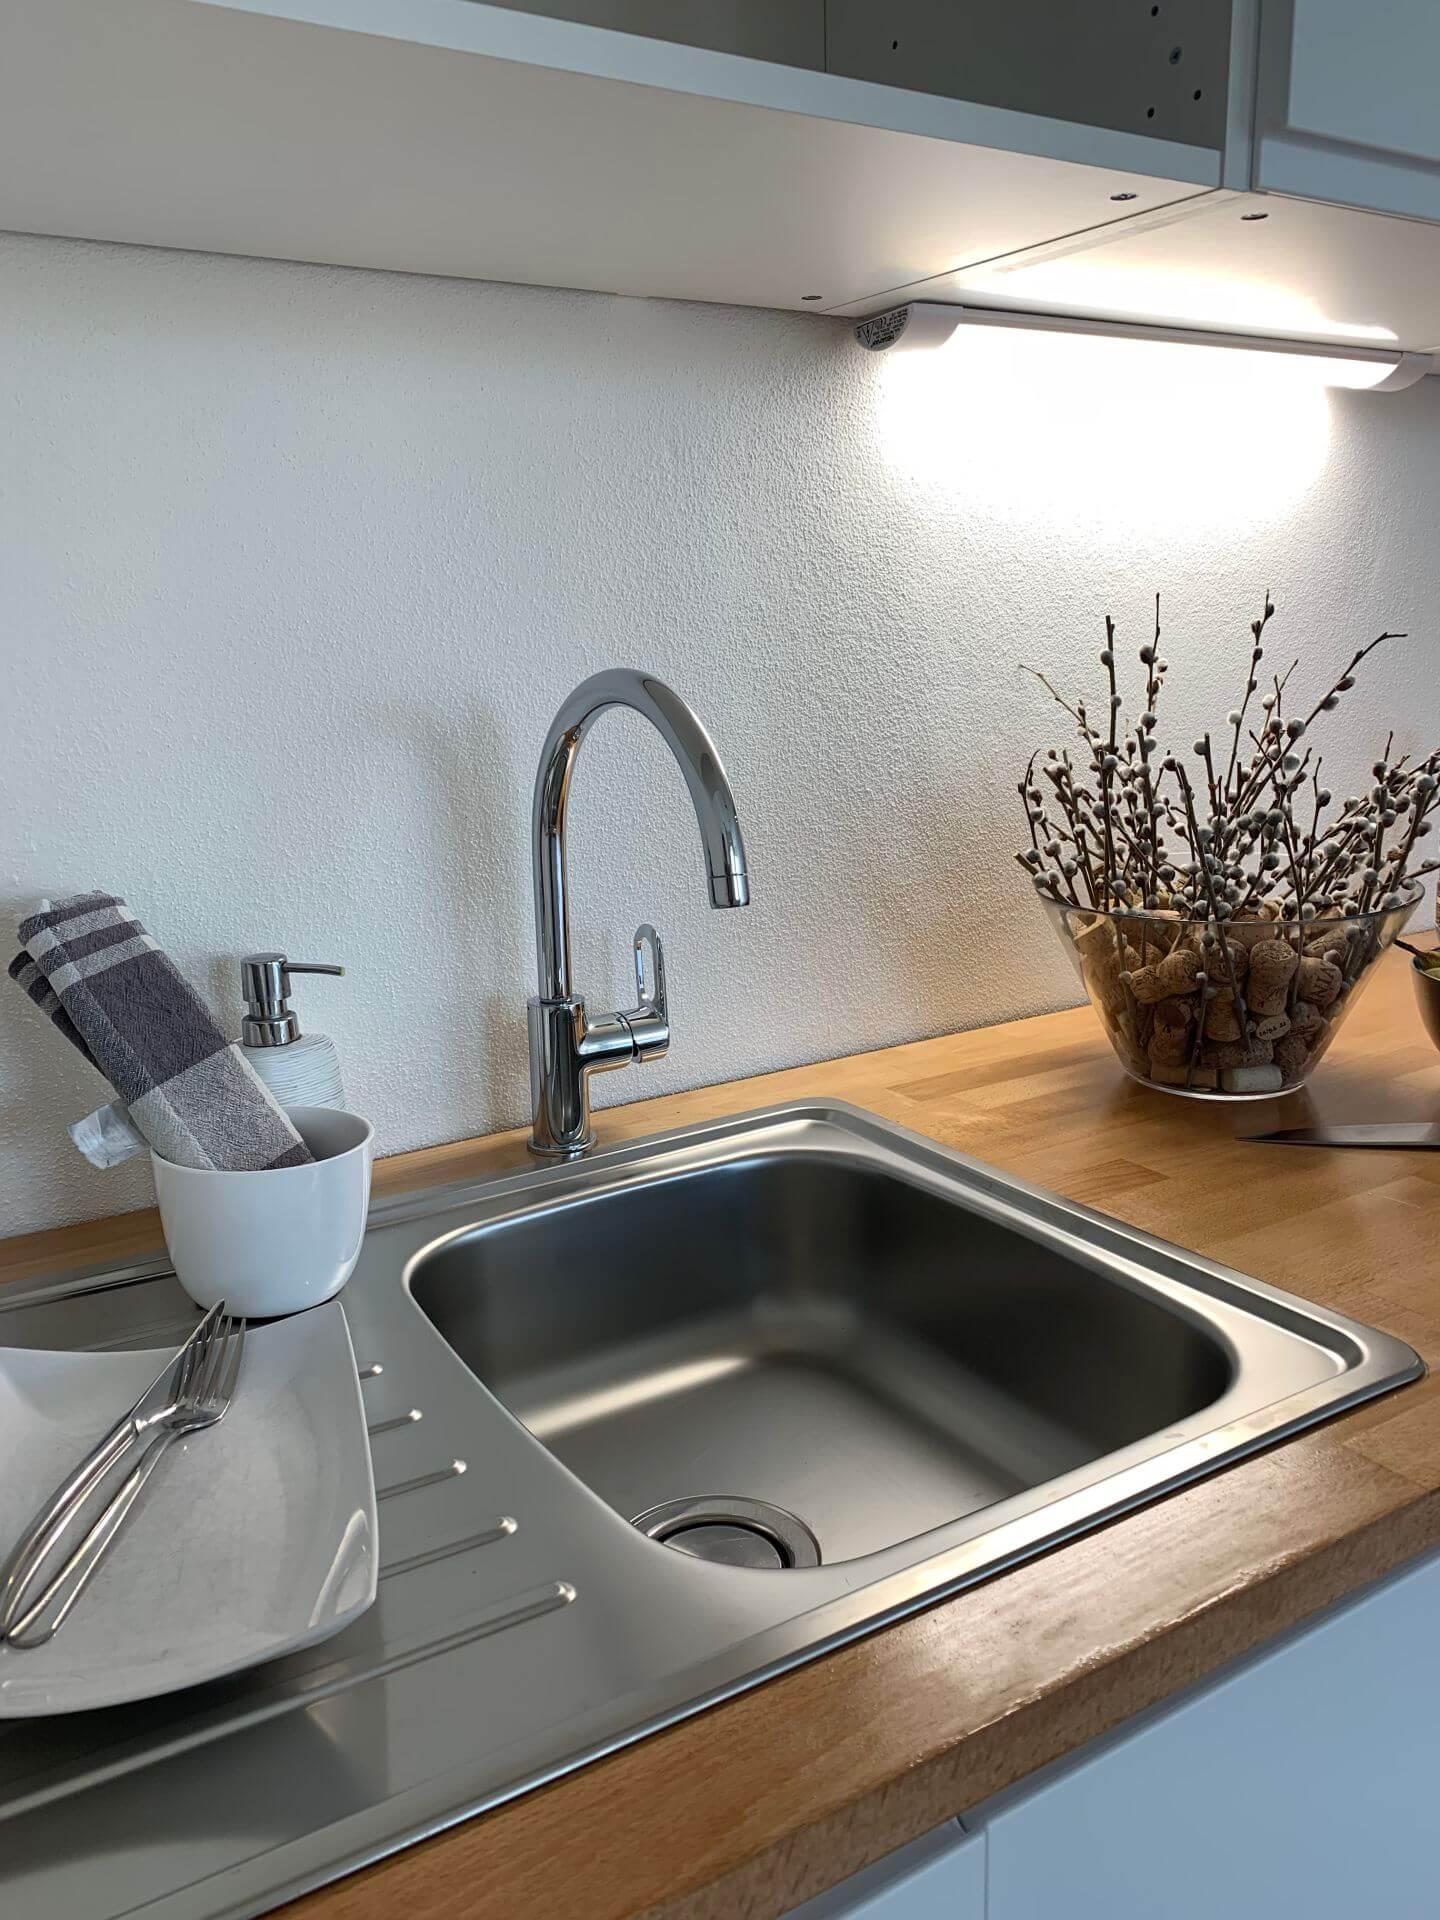 Predané: Predáme 1 izbový byt, Ligurčeková, Podunajská Biskupice, 30m2, záhrada 26m2, parkovacie státie 12m2-21